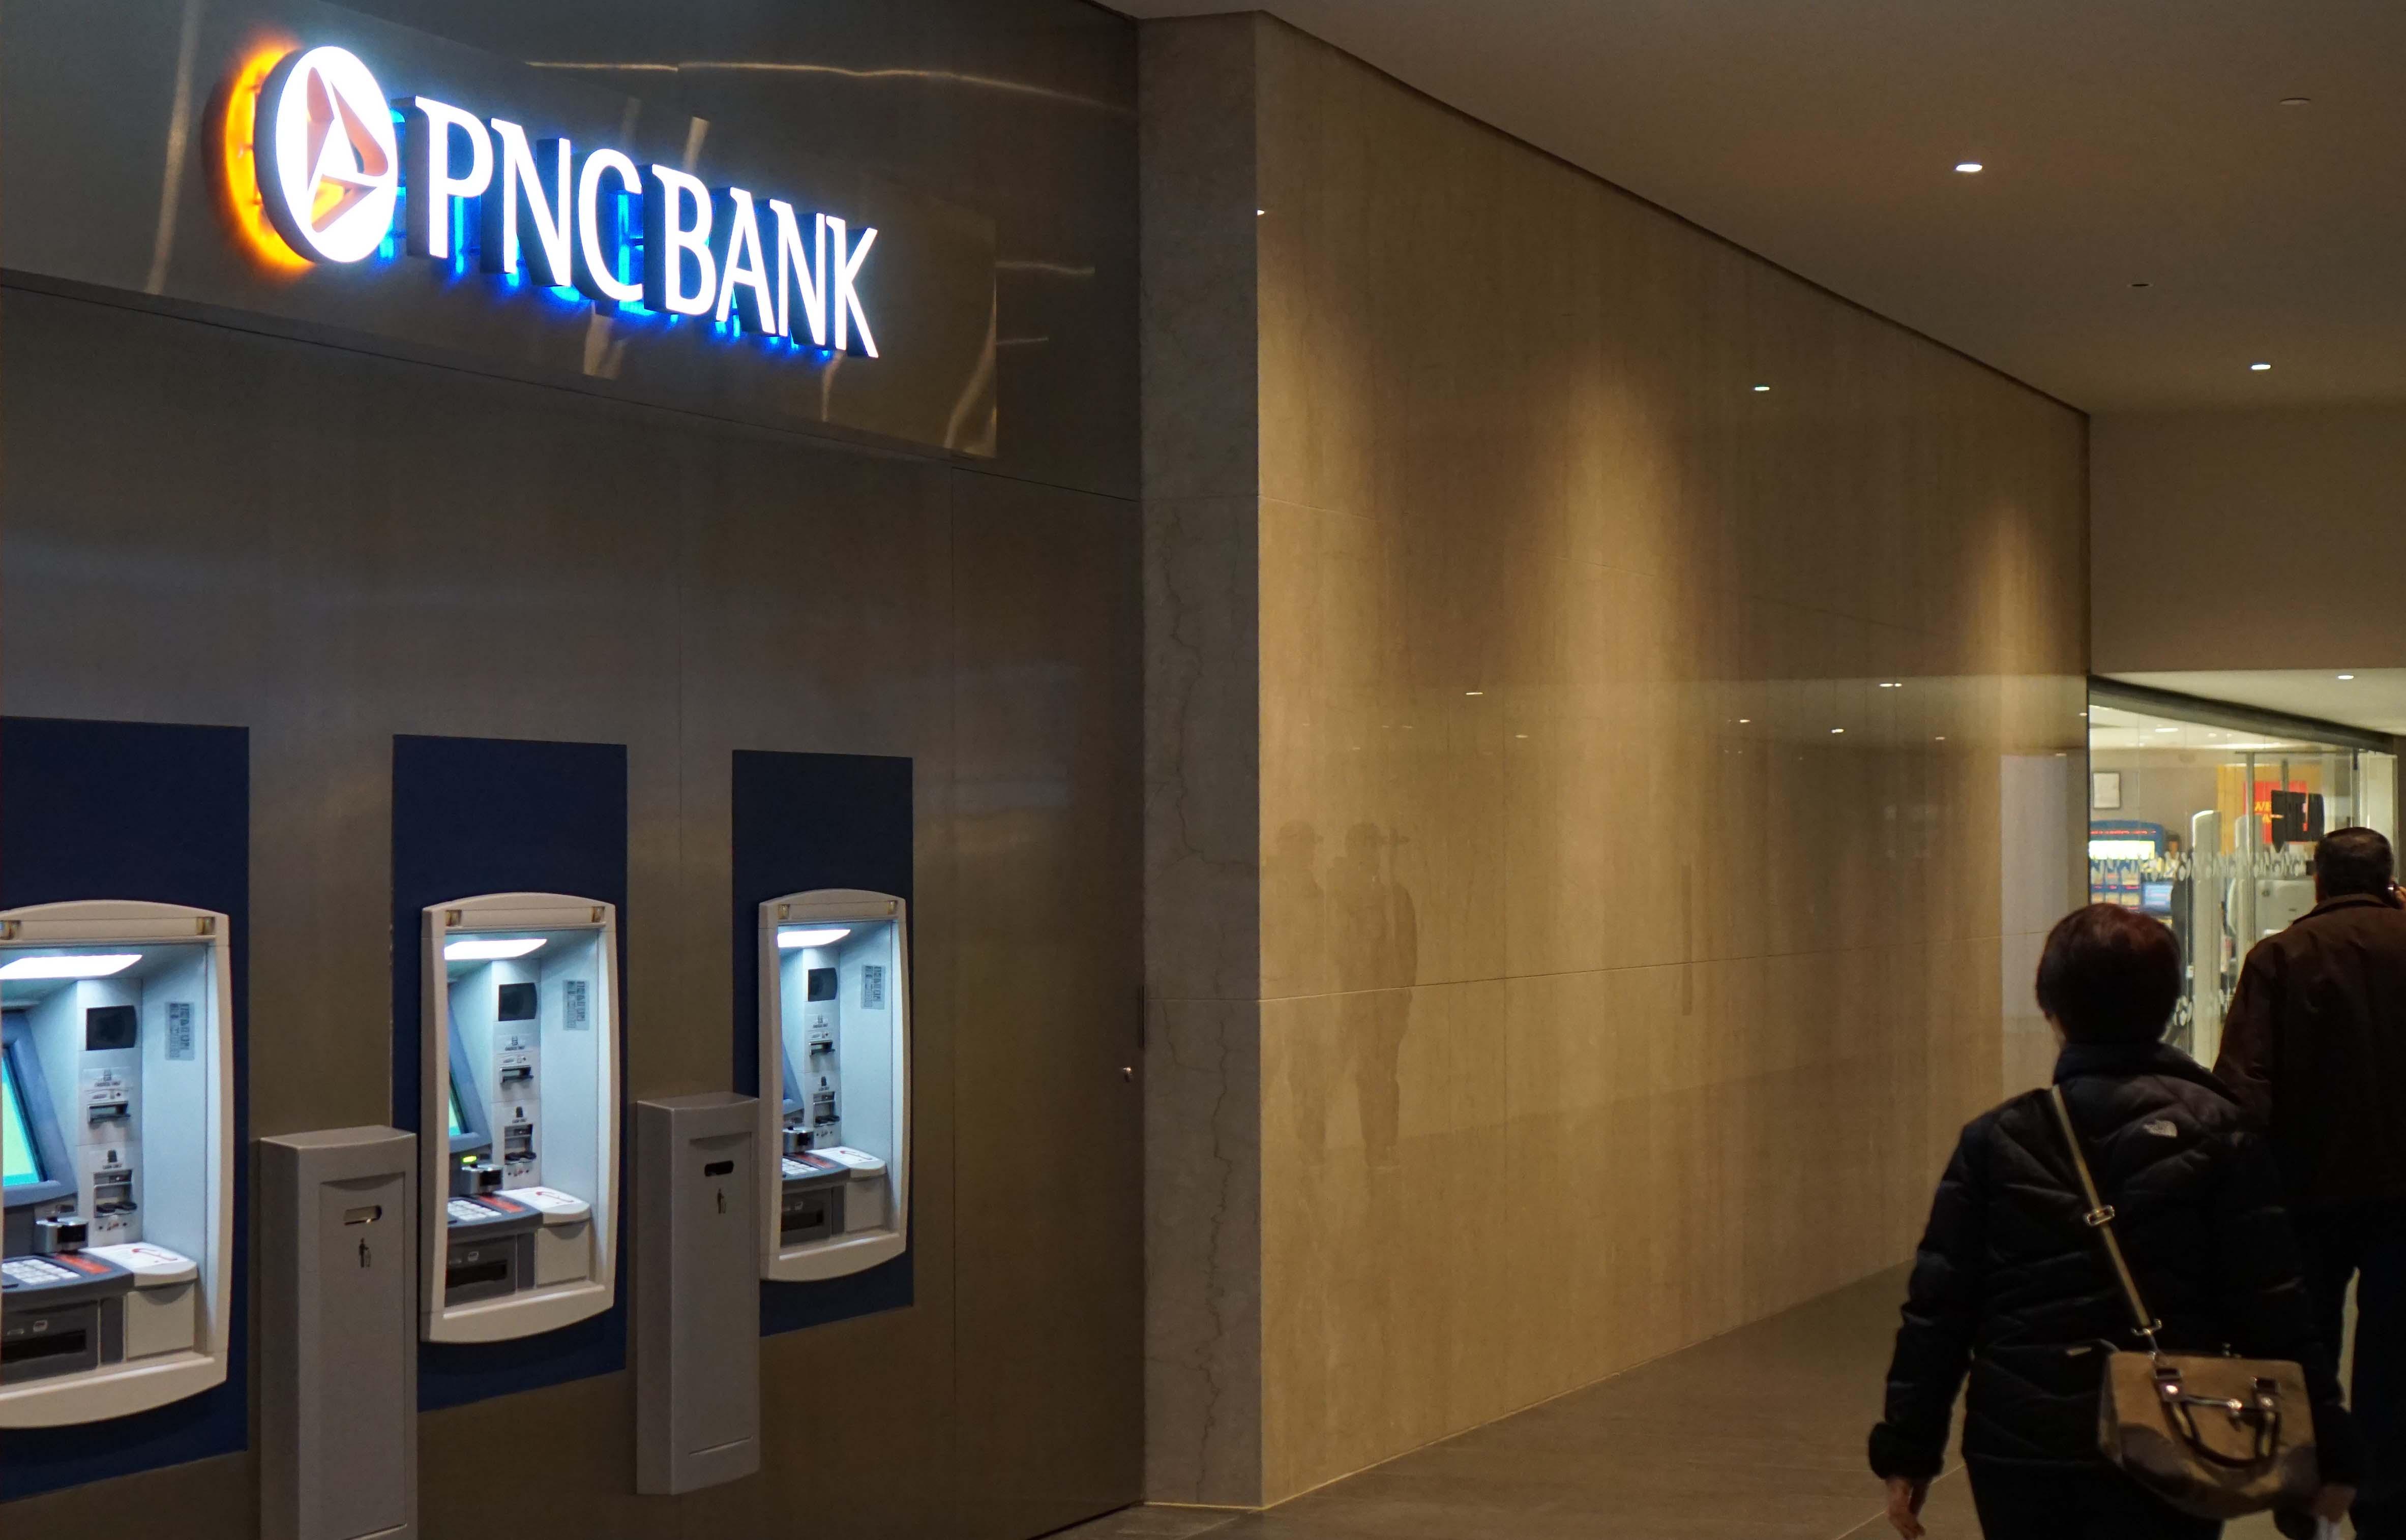 Bargeld / Geld ohne ATM-Fee in den USA abheben [Lösung